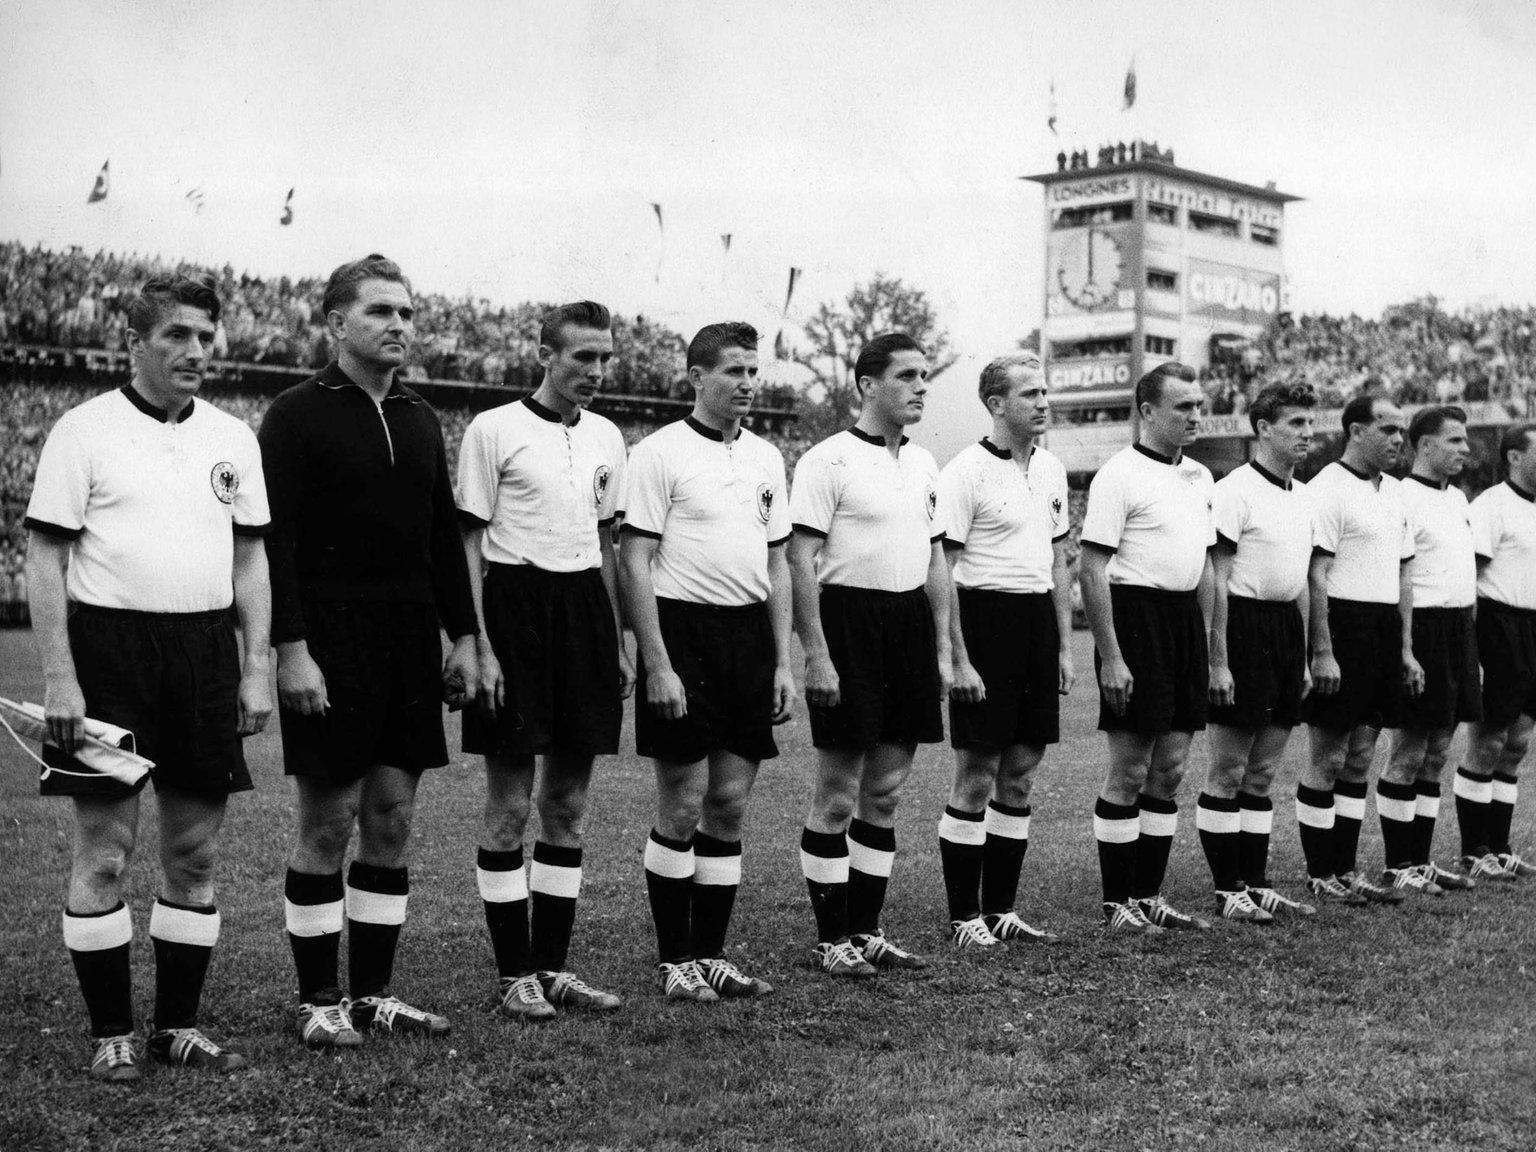 Fussball Weltmeisterschaft 1954 Sieger Mannschaft Sport